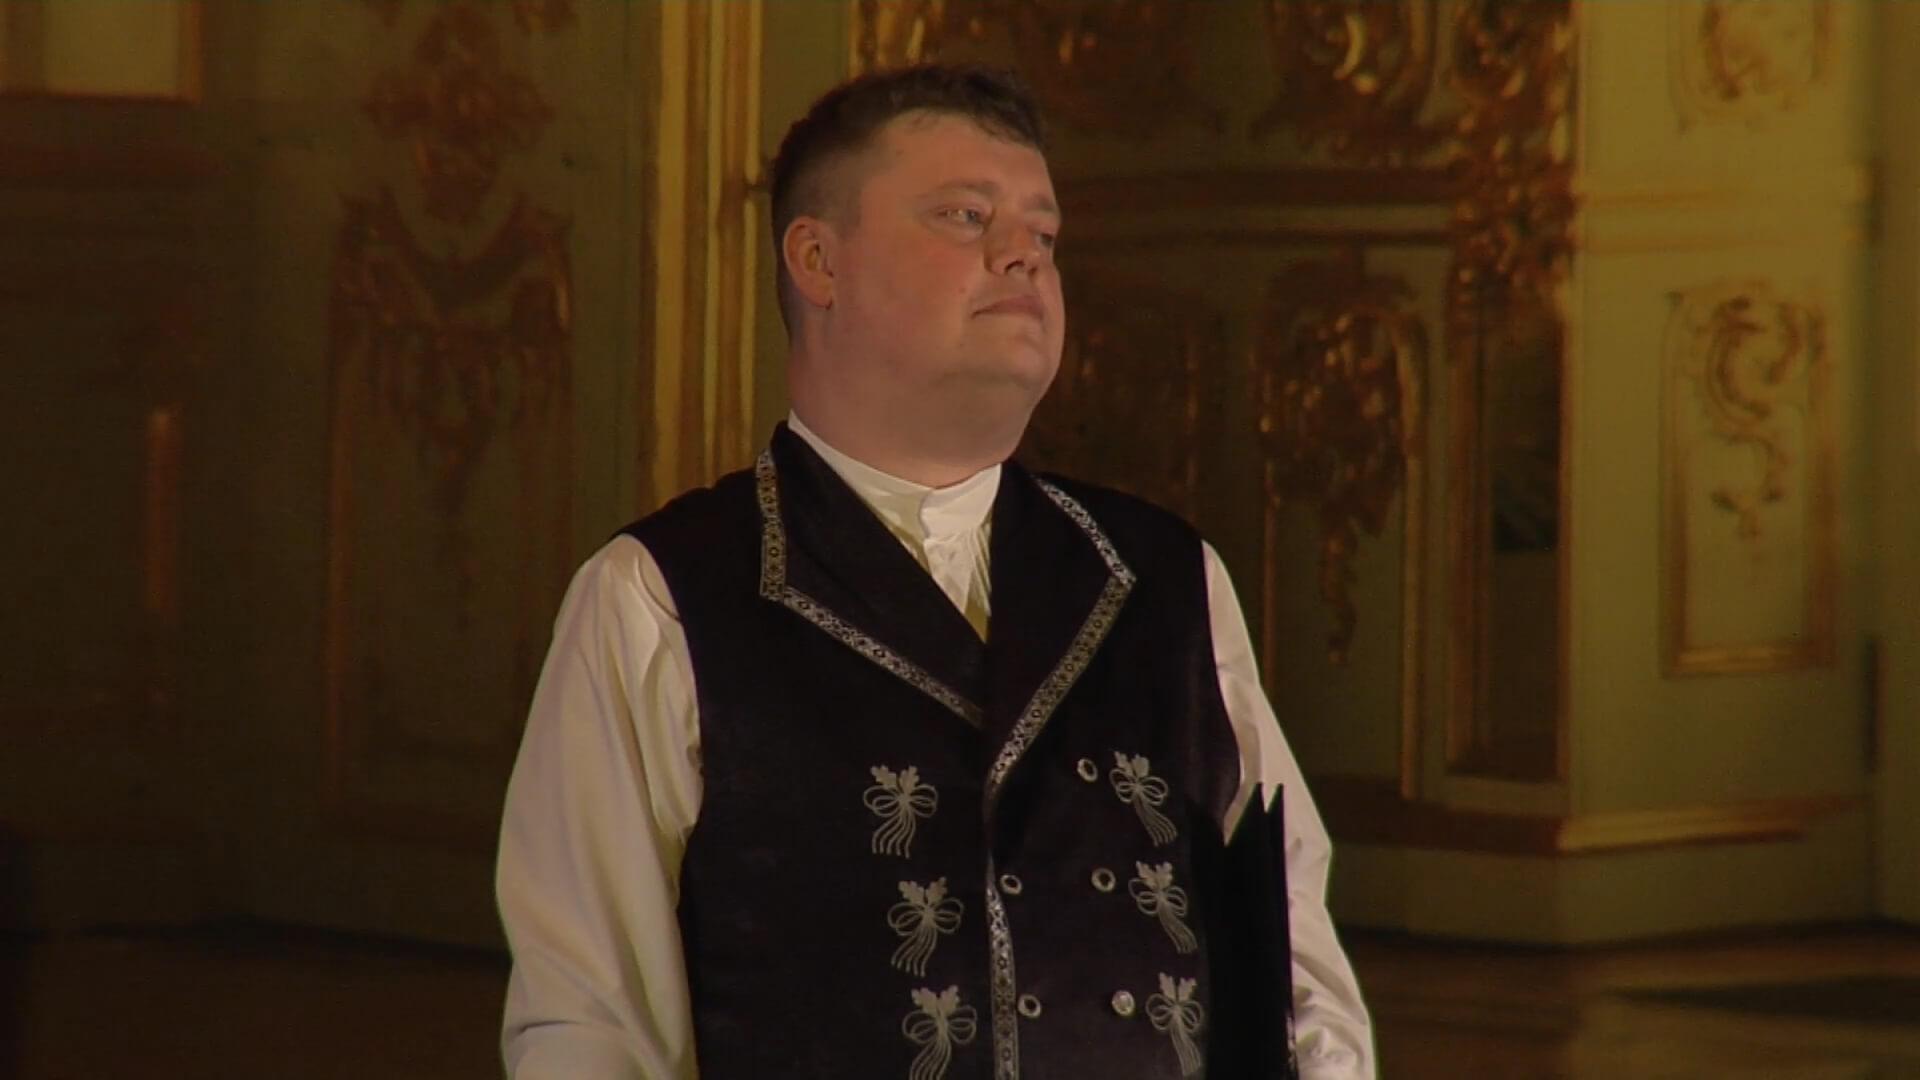 Актер Михаил Павлик: по настроению зала я понимаю, легко будет или нет